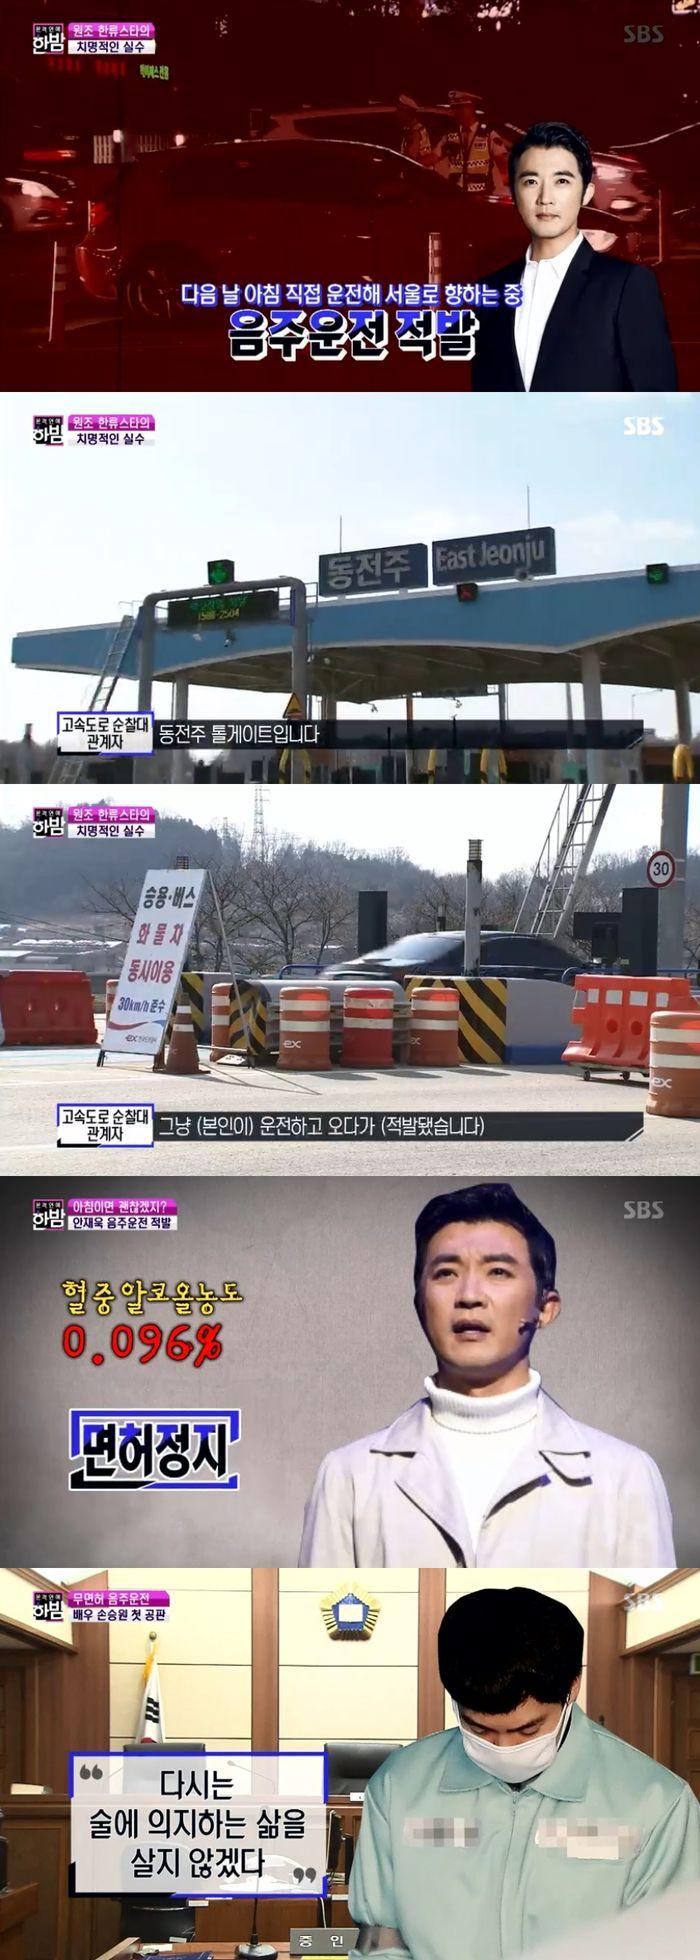 '한밤' 연이은 연예계 음주운전 소식 '적신호'…안재욱, 음주운전으로 전주에서 서울로?  기본이미지